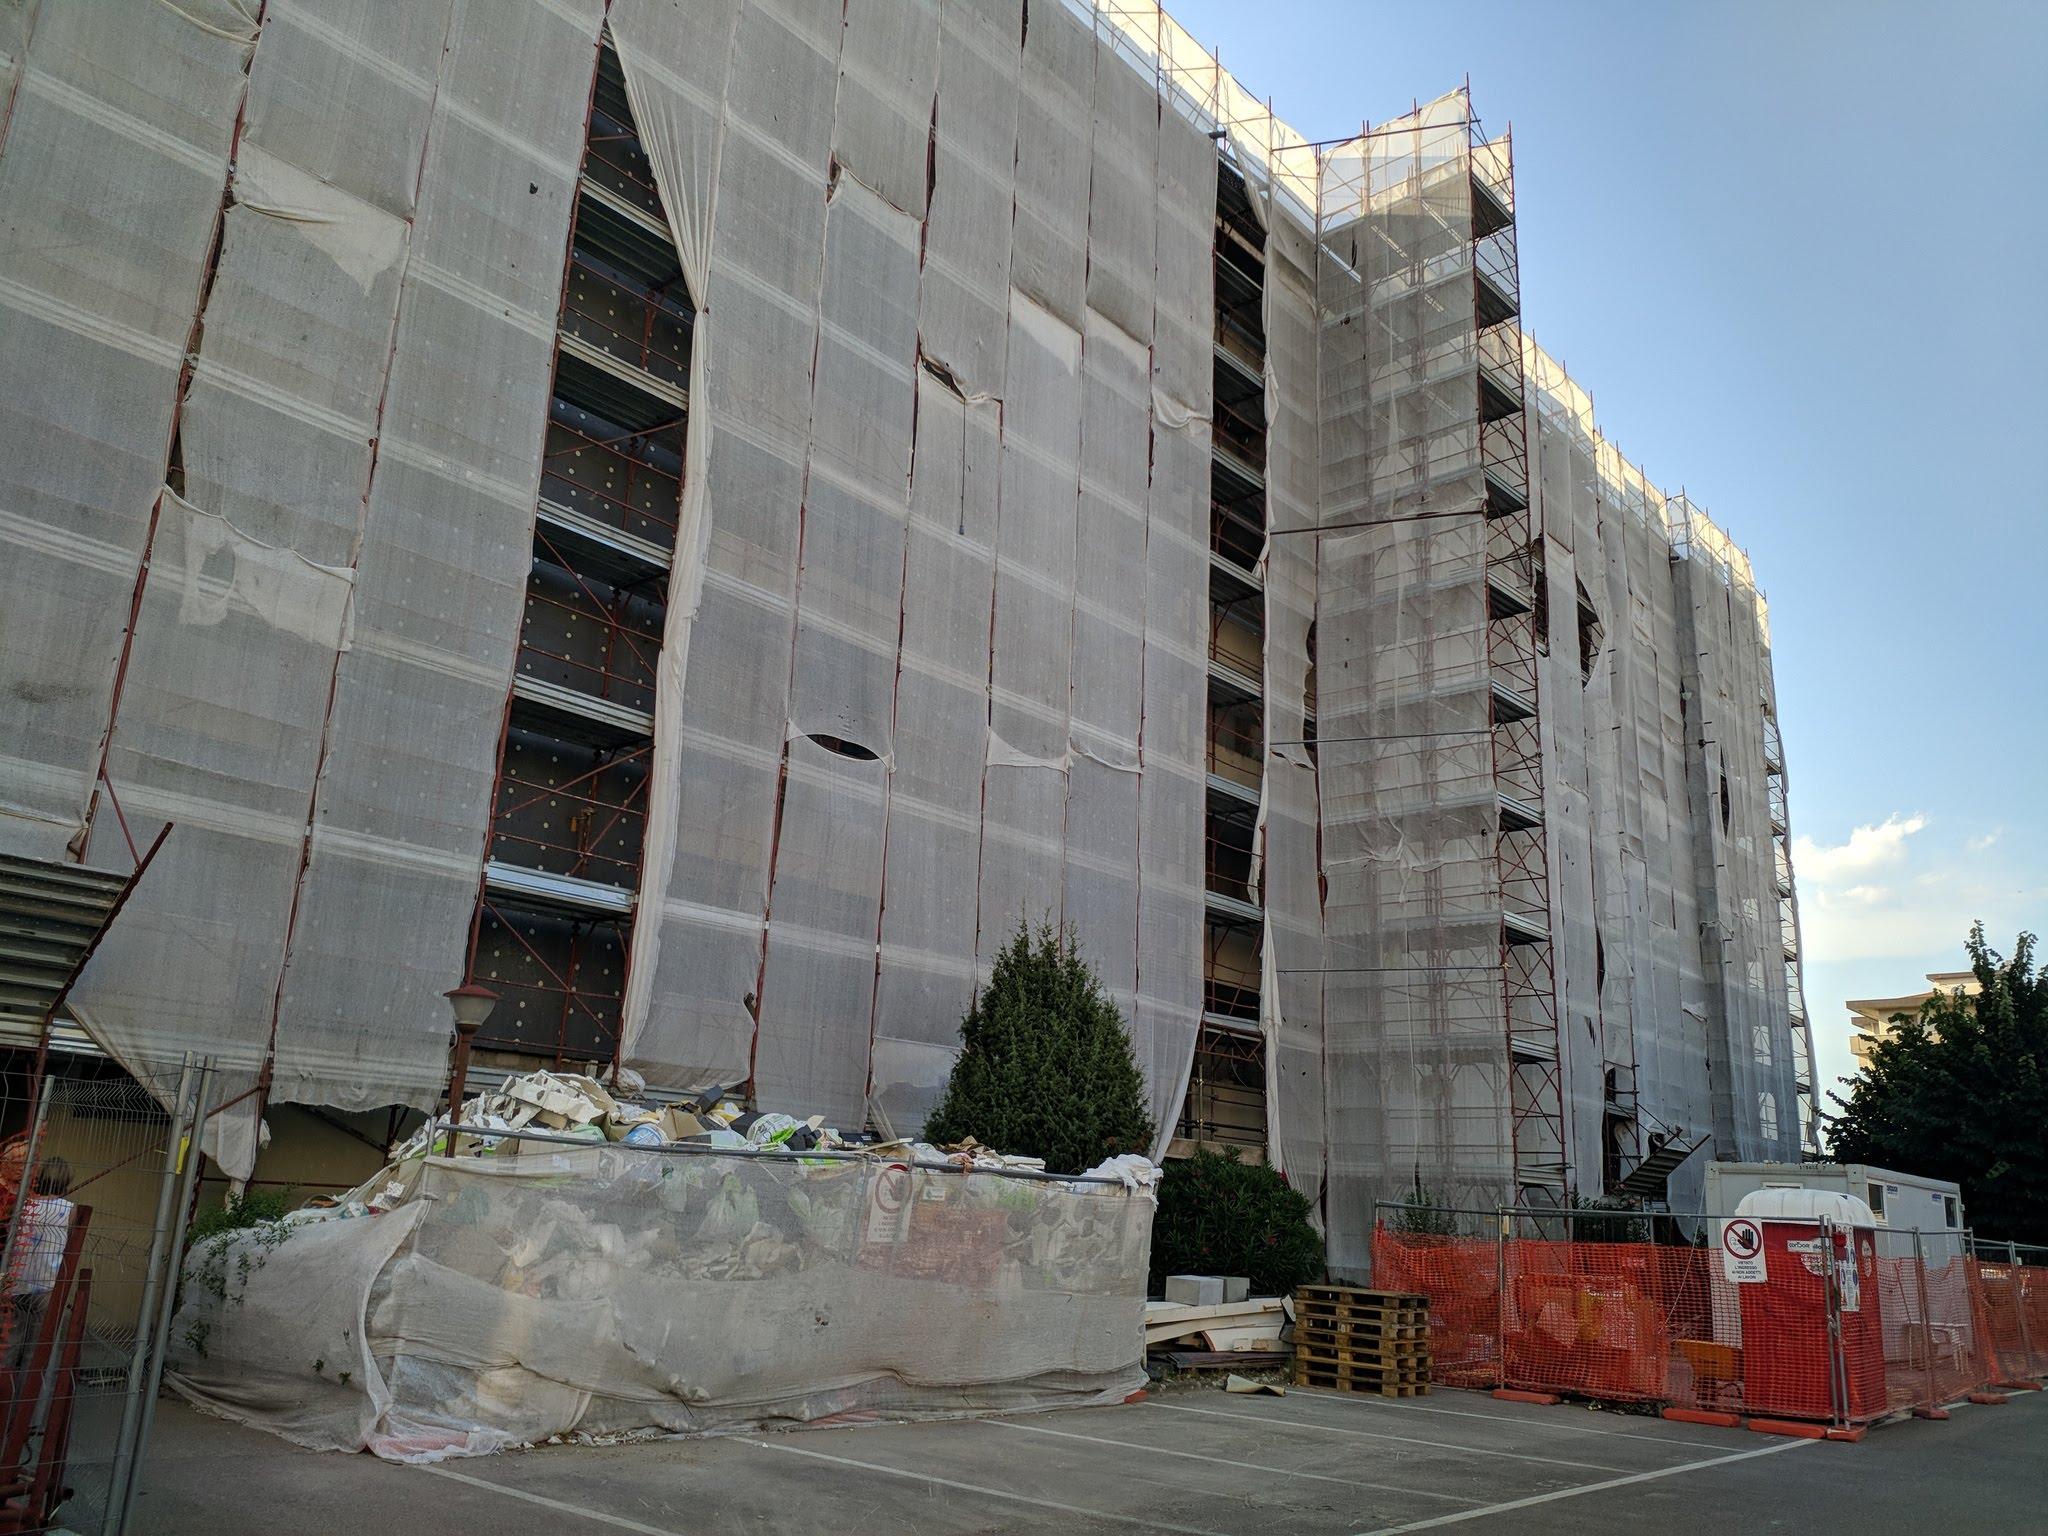 Così si presentava nellestate 2019 il condominio: i lavori erano sospesi , i palazzi coperti da teli e senza poter rimontare laria condizionata, mentre i detriti accumulati erano diventato un covo di scarafaggi